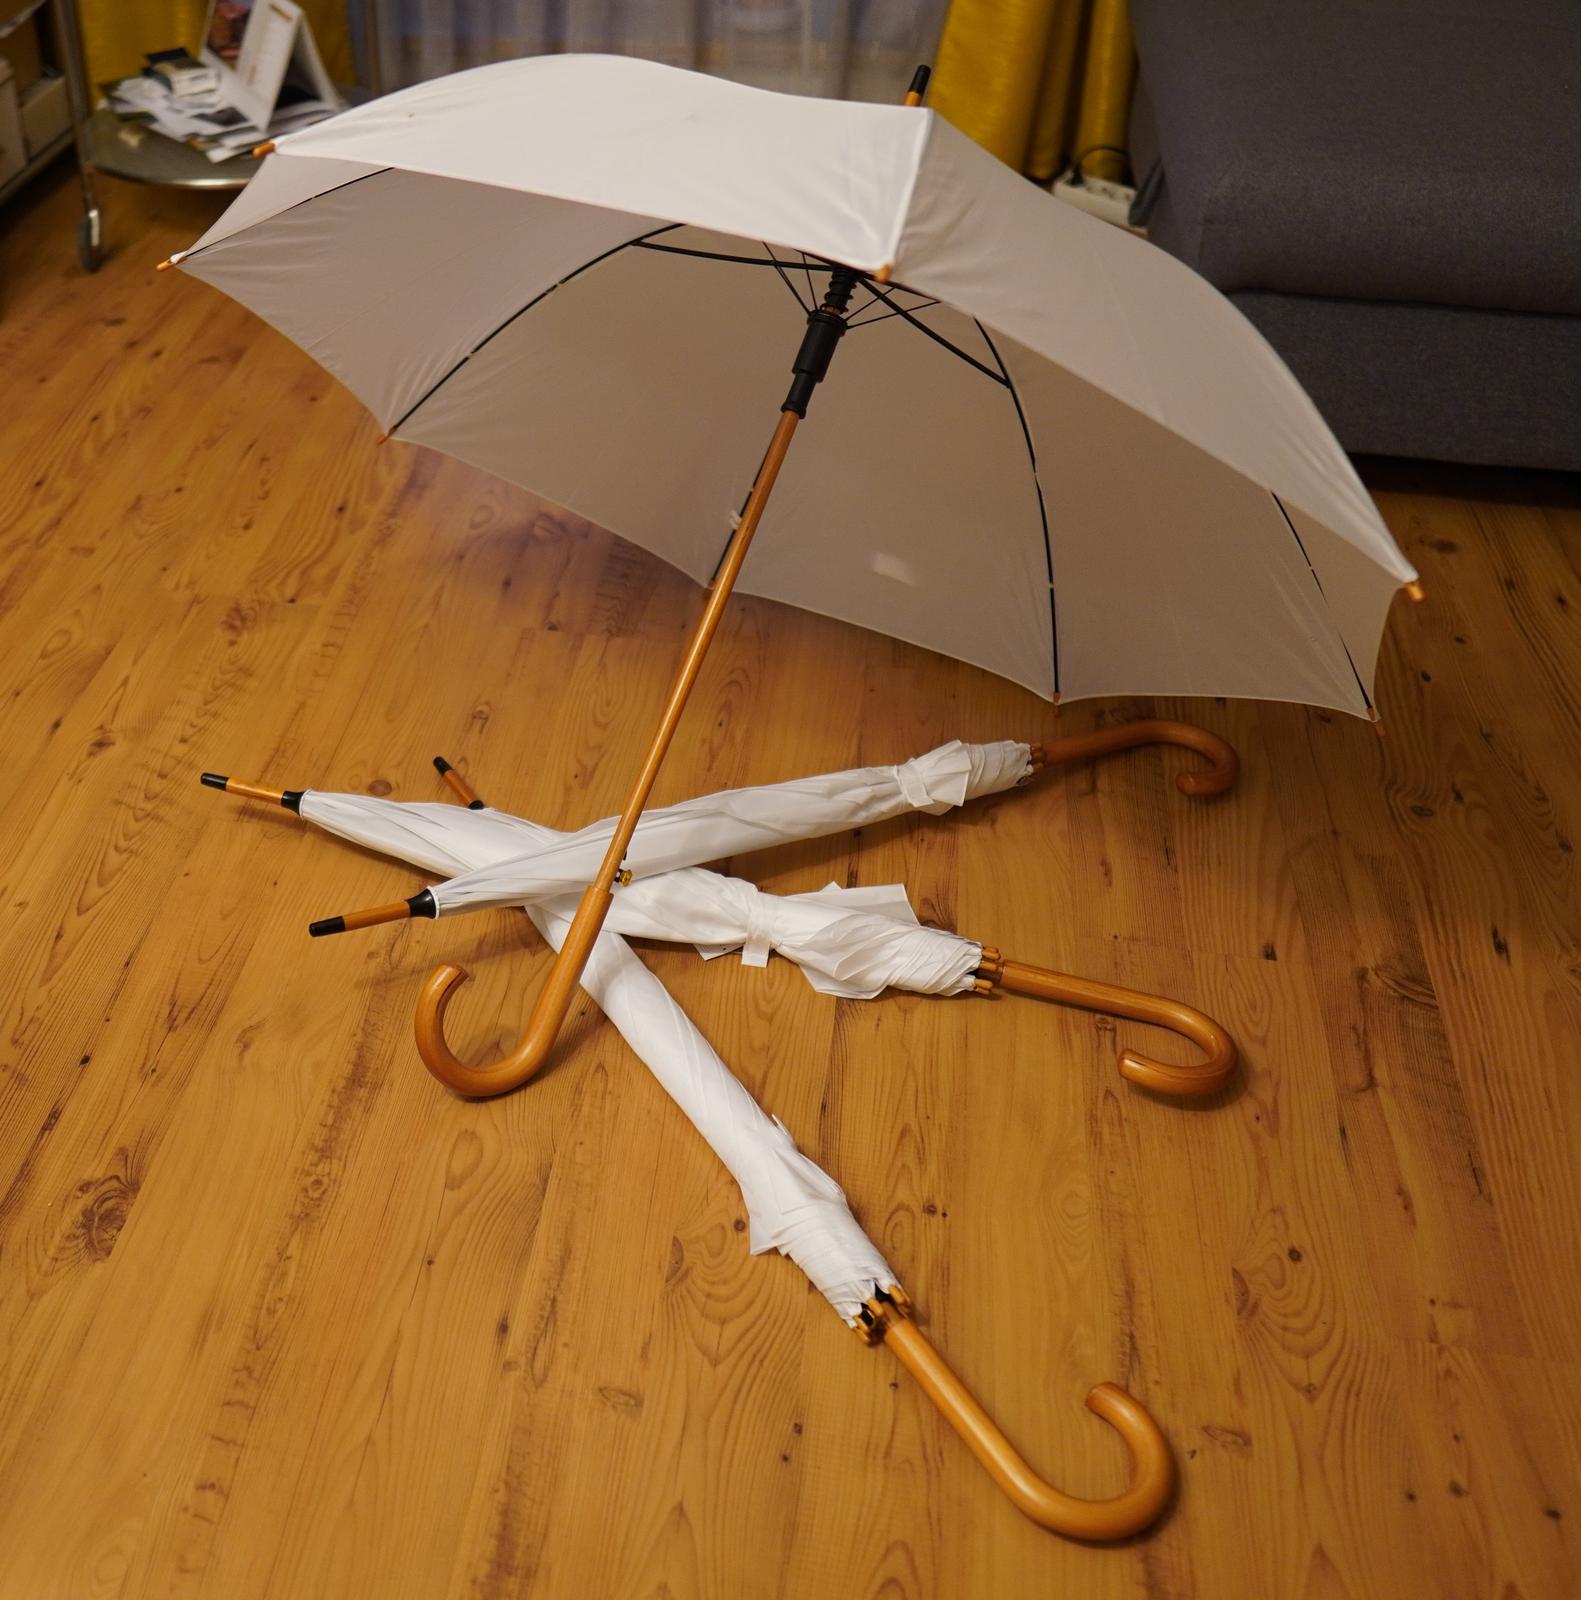 Svatební deštníky - Obrázek č. 1